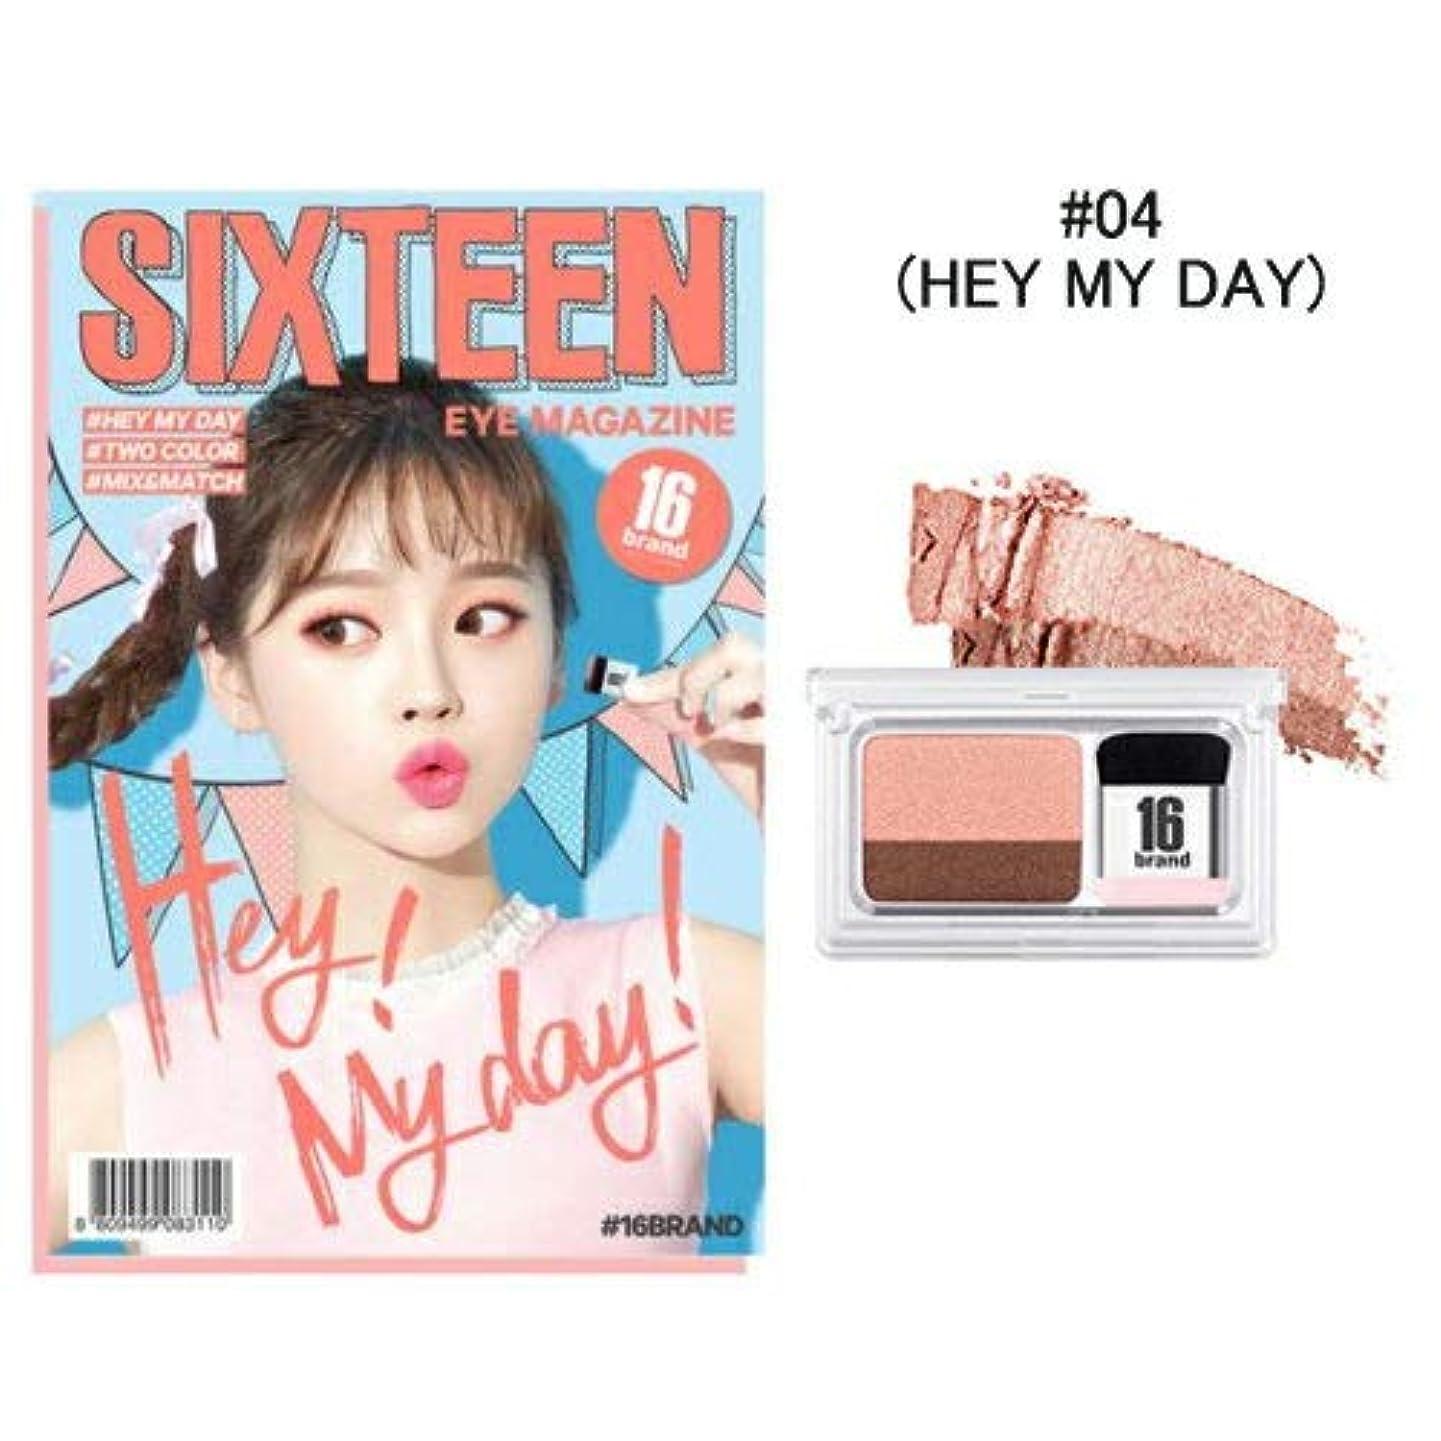 意気揚々傀儡雑草[New Color] 16brand Sixteen Eye Magazine 2g /16ブランド シックスティーン アイ マガジン 2g (#04 HEY MY DAY) [並行輸入品]